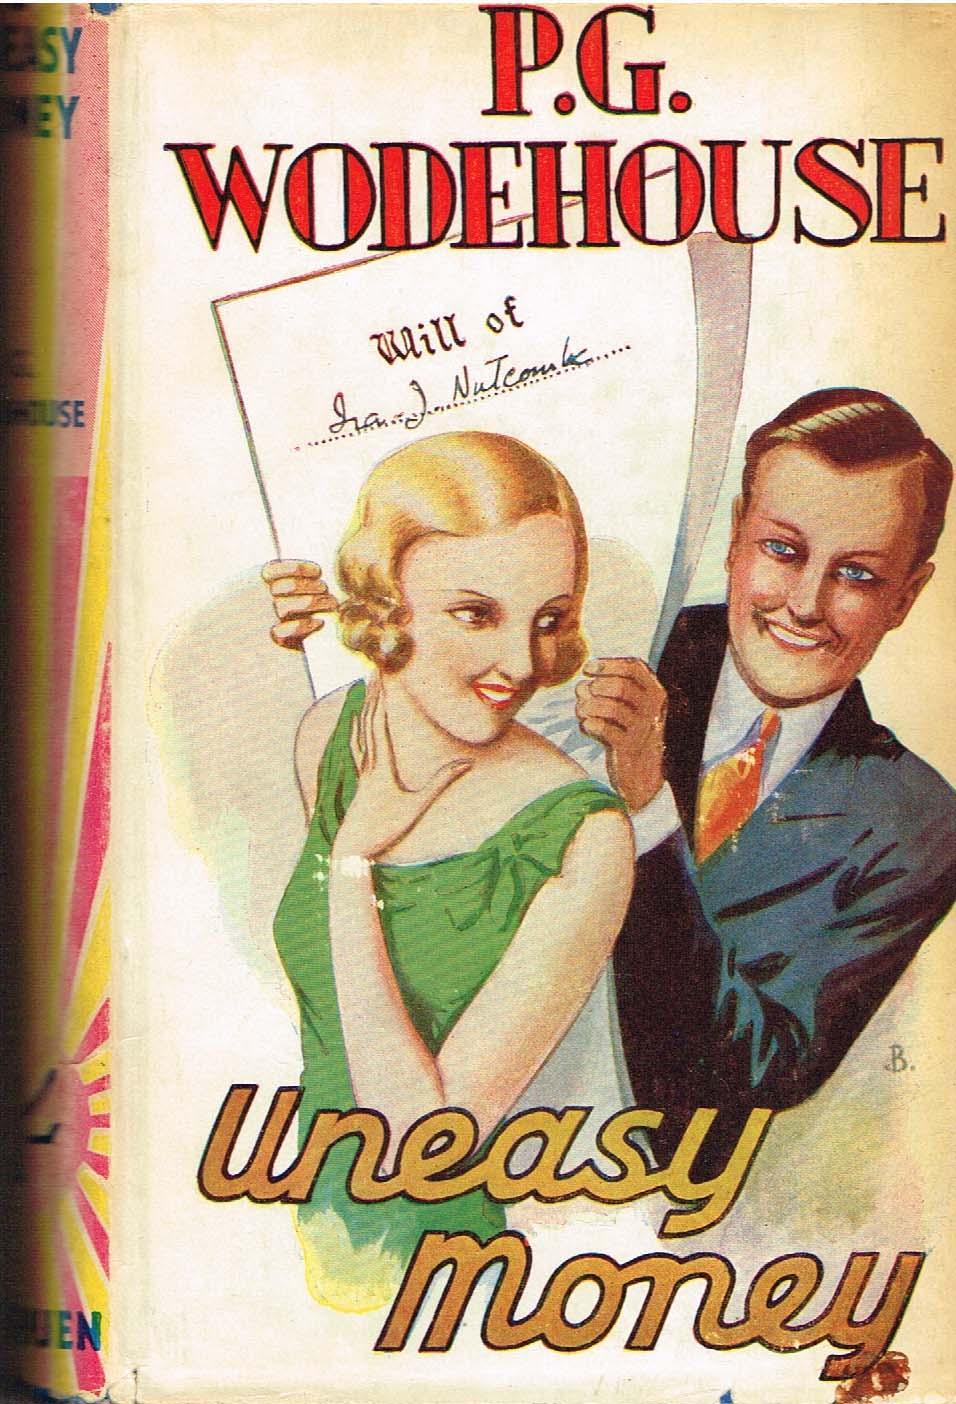 P G Wodehouse Uneasy money